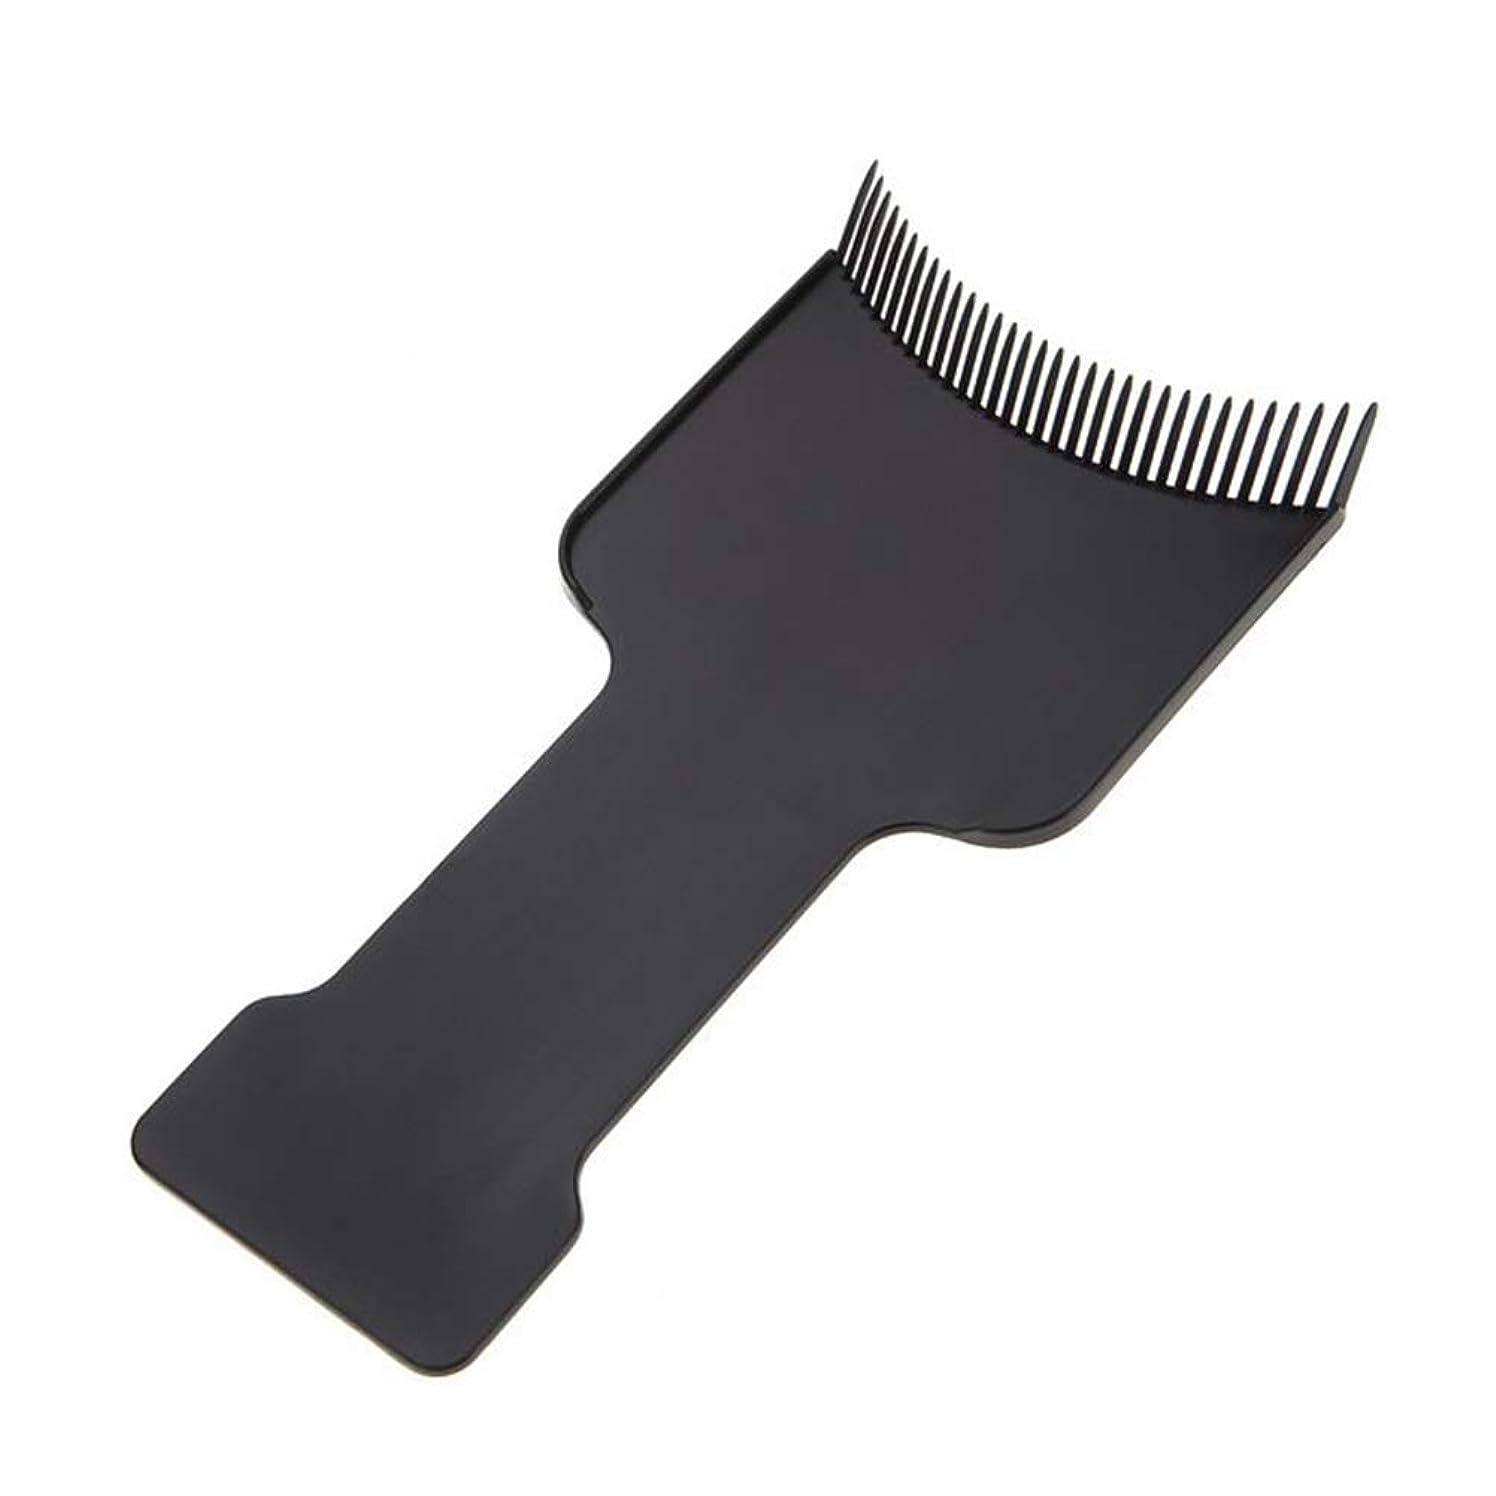 アスレチック女性印刷するFrcolor ヘアダイブラシ ヘアダイコーム ヘアカラー 毛染め ヘアスタイリング 家庭用 美容師プロ用 プラスチック製 2個セット(ブラック)